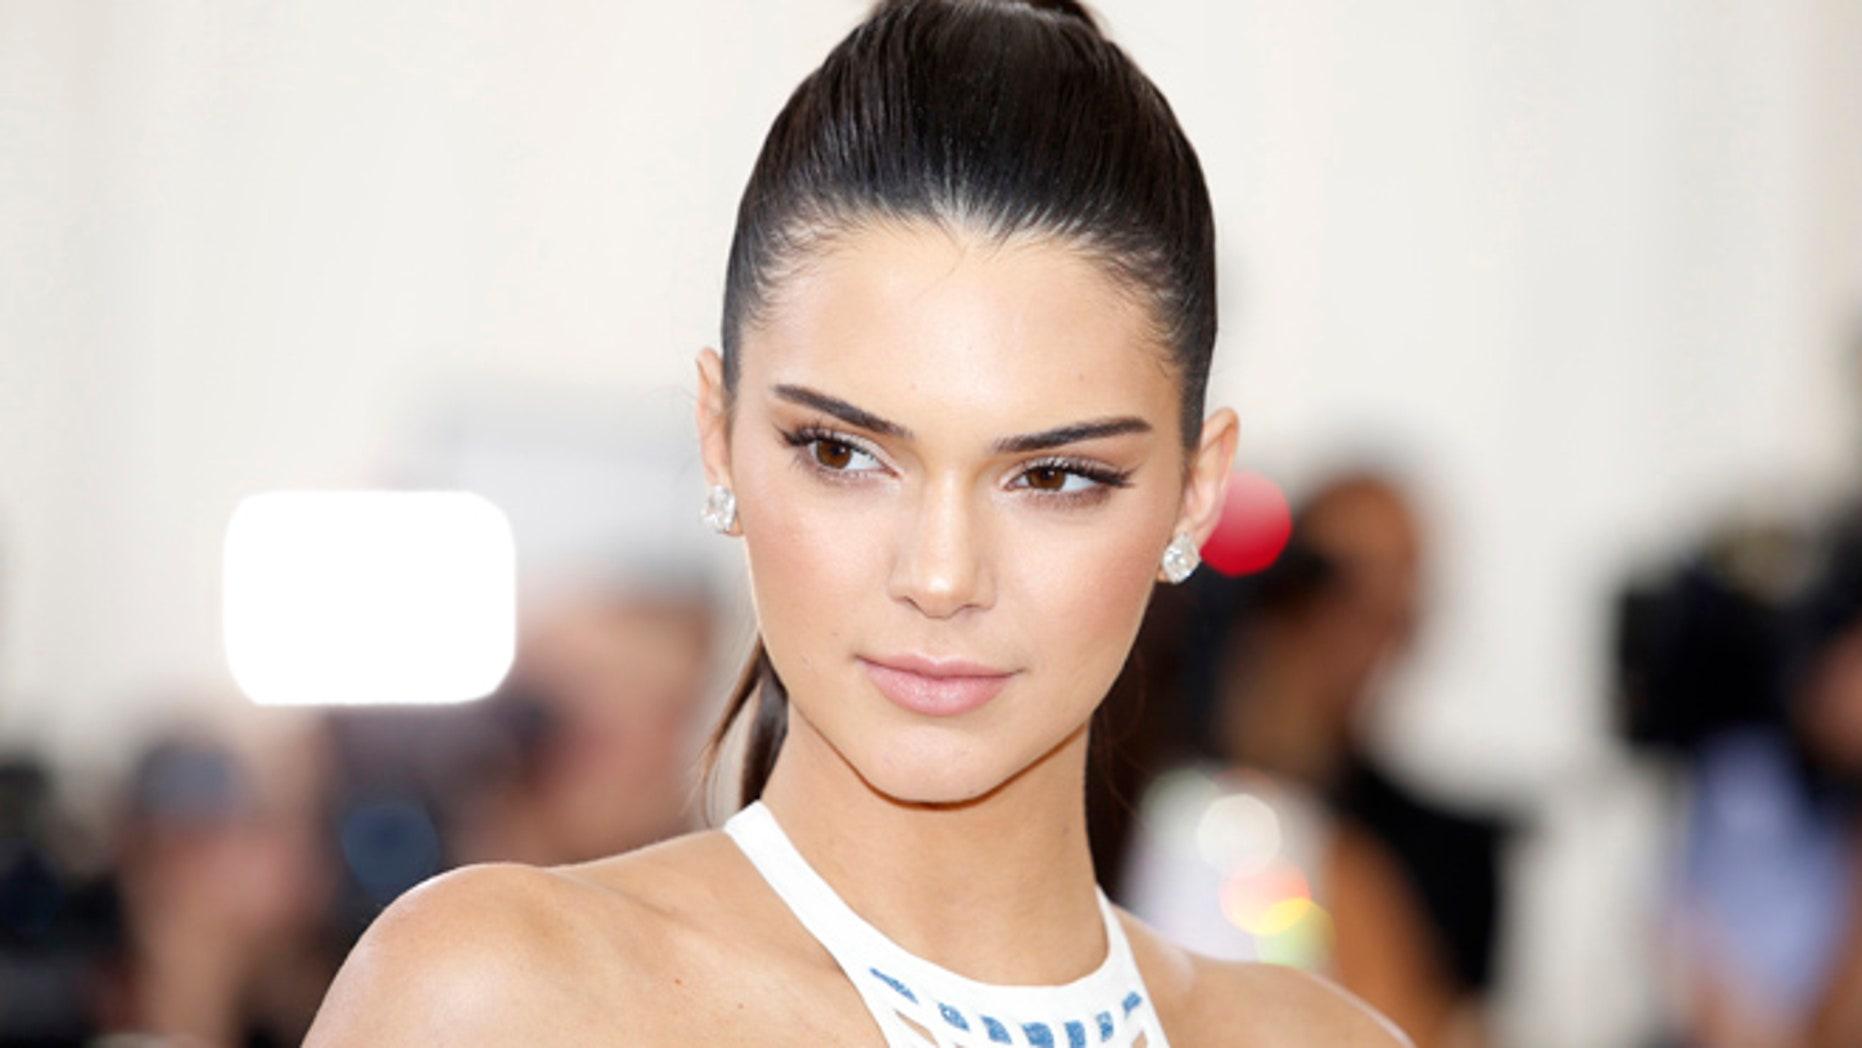 Kendall Jenner is modelling for La Perla lingerie.